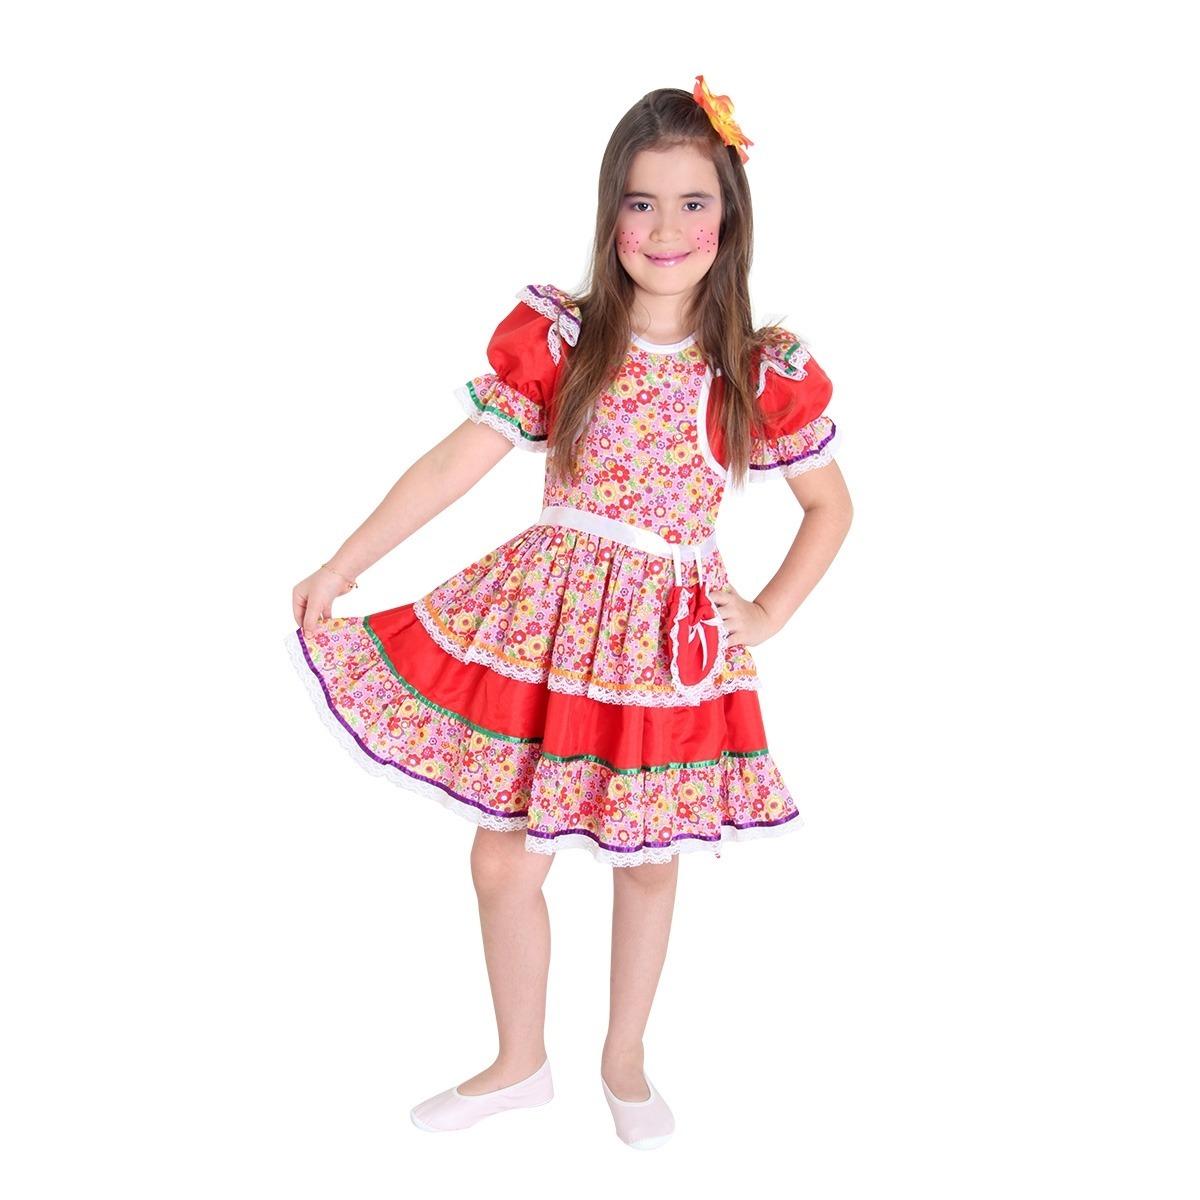 Fantasia Caipira Infantil Luxo C Bolsa Festa Junina Vestido